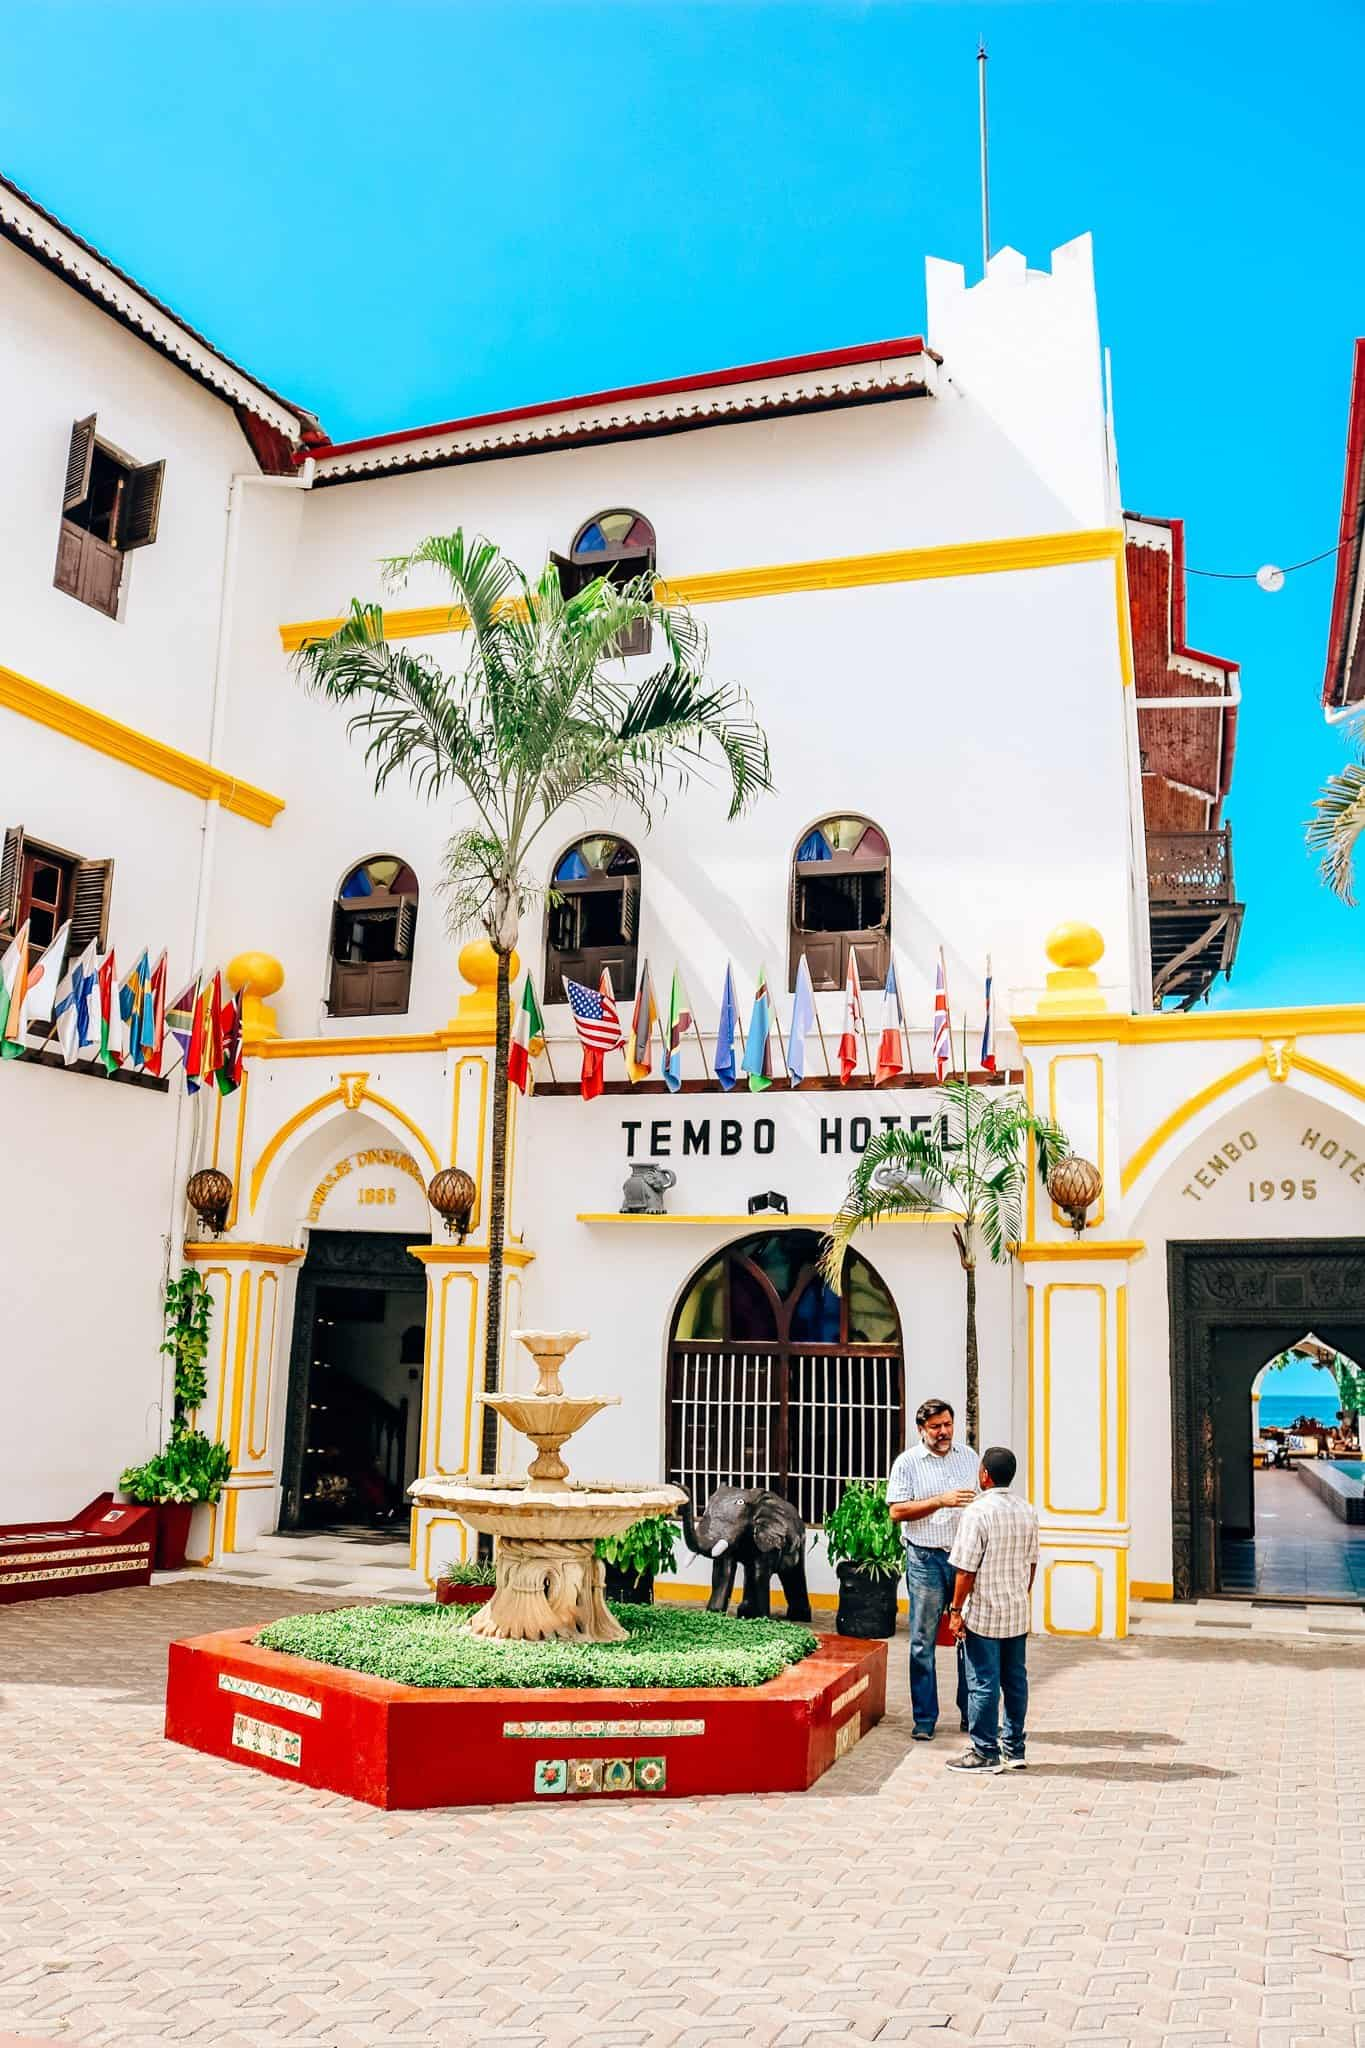 Visions of Zanzibar - Tembo Hotel